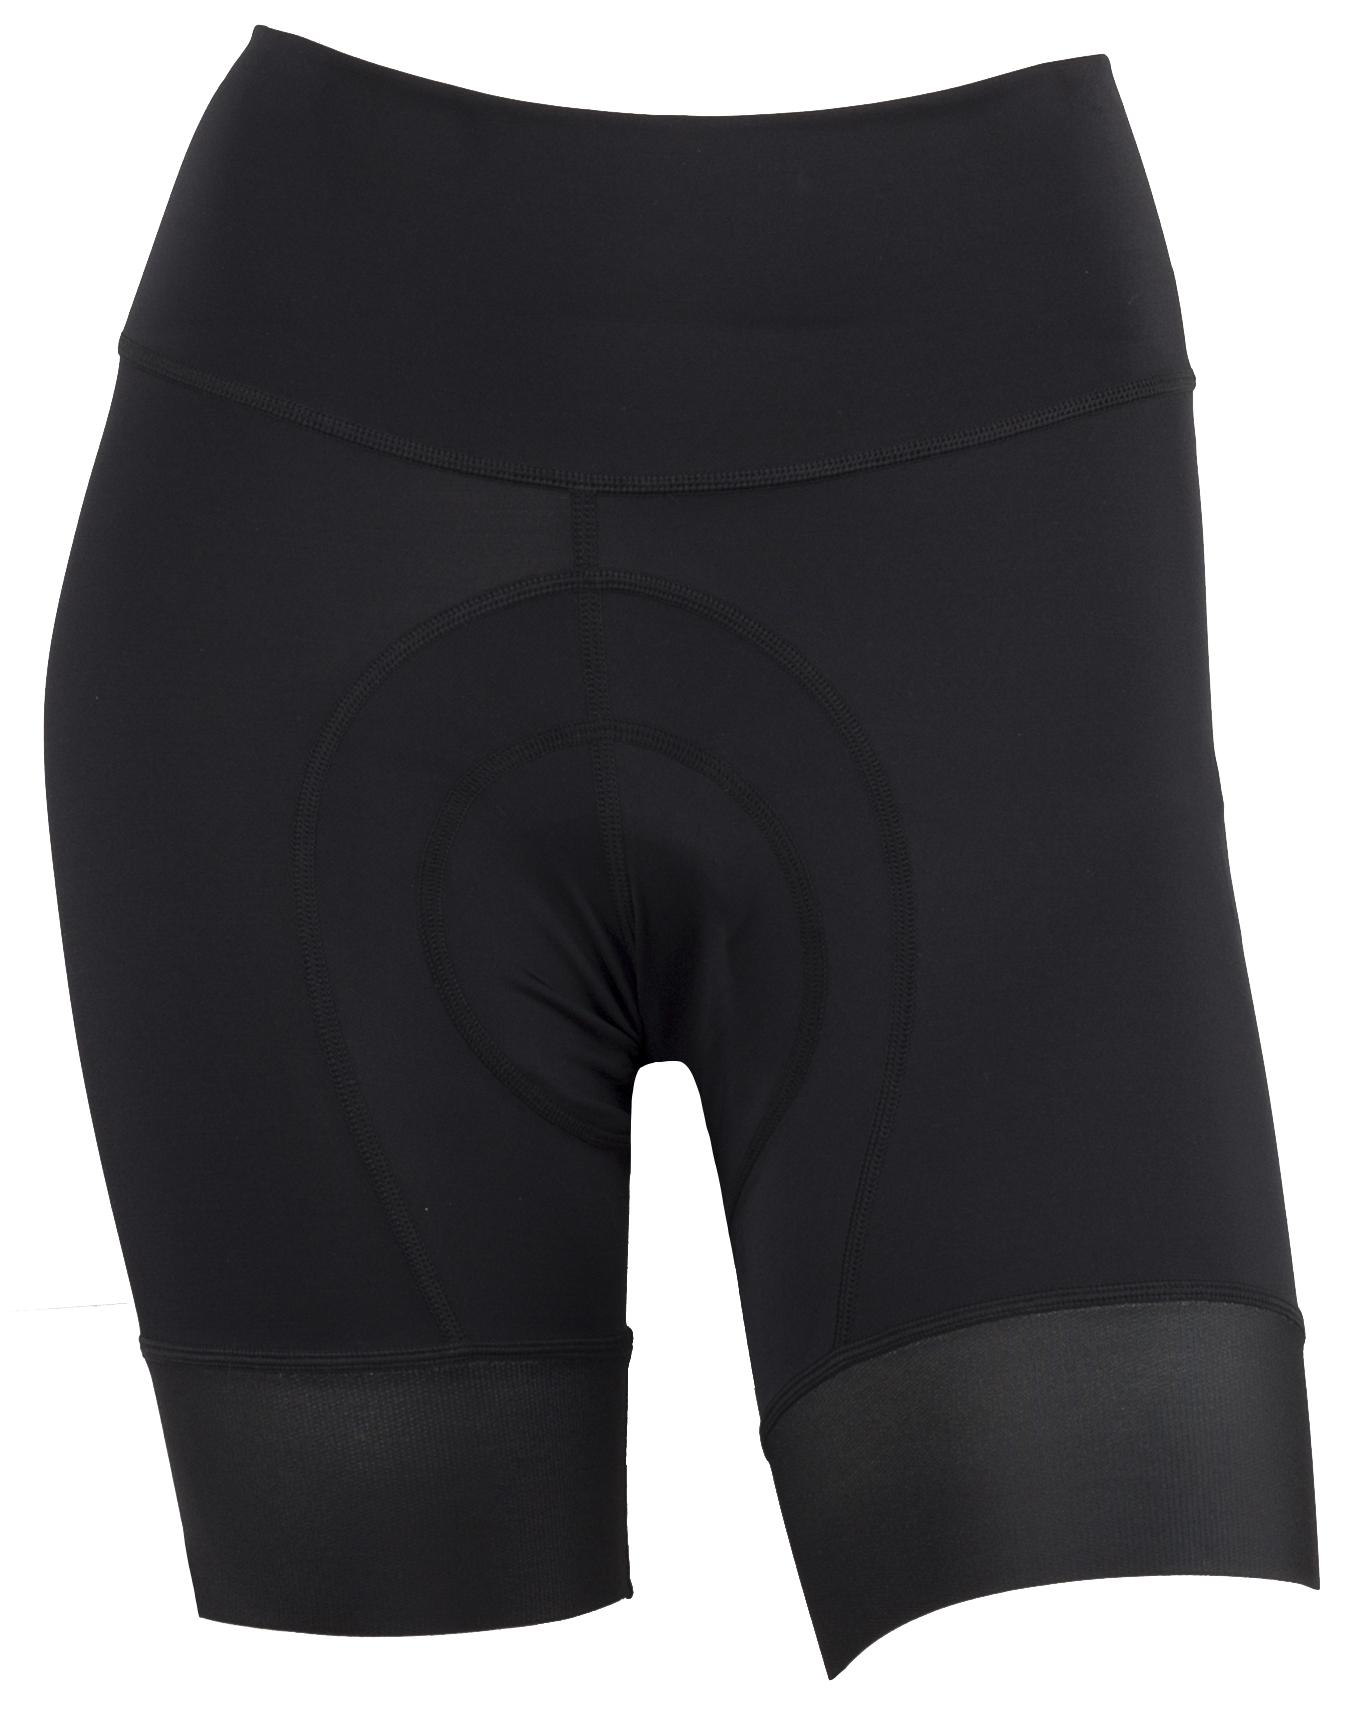 f5eff6040 ... Shebeest Petunia Women s Bike Shorts.    Women s Shorts · She Beest